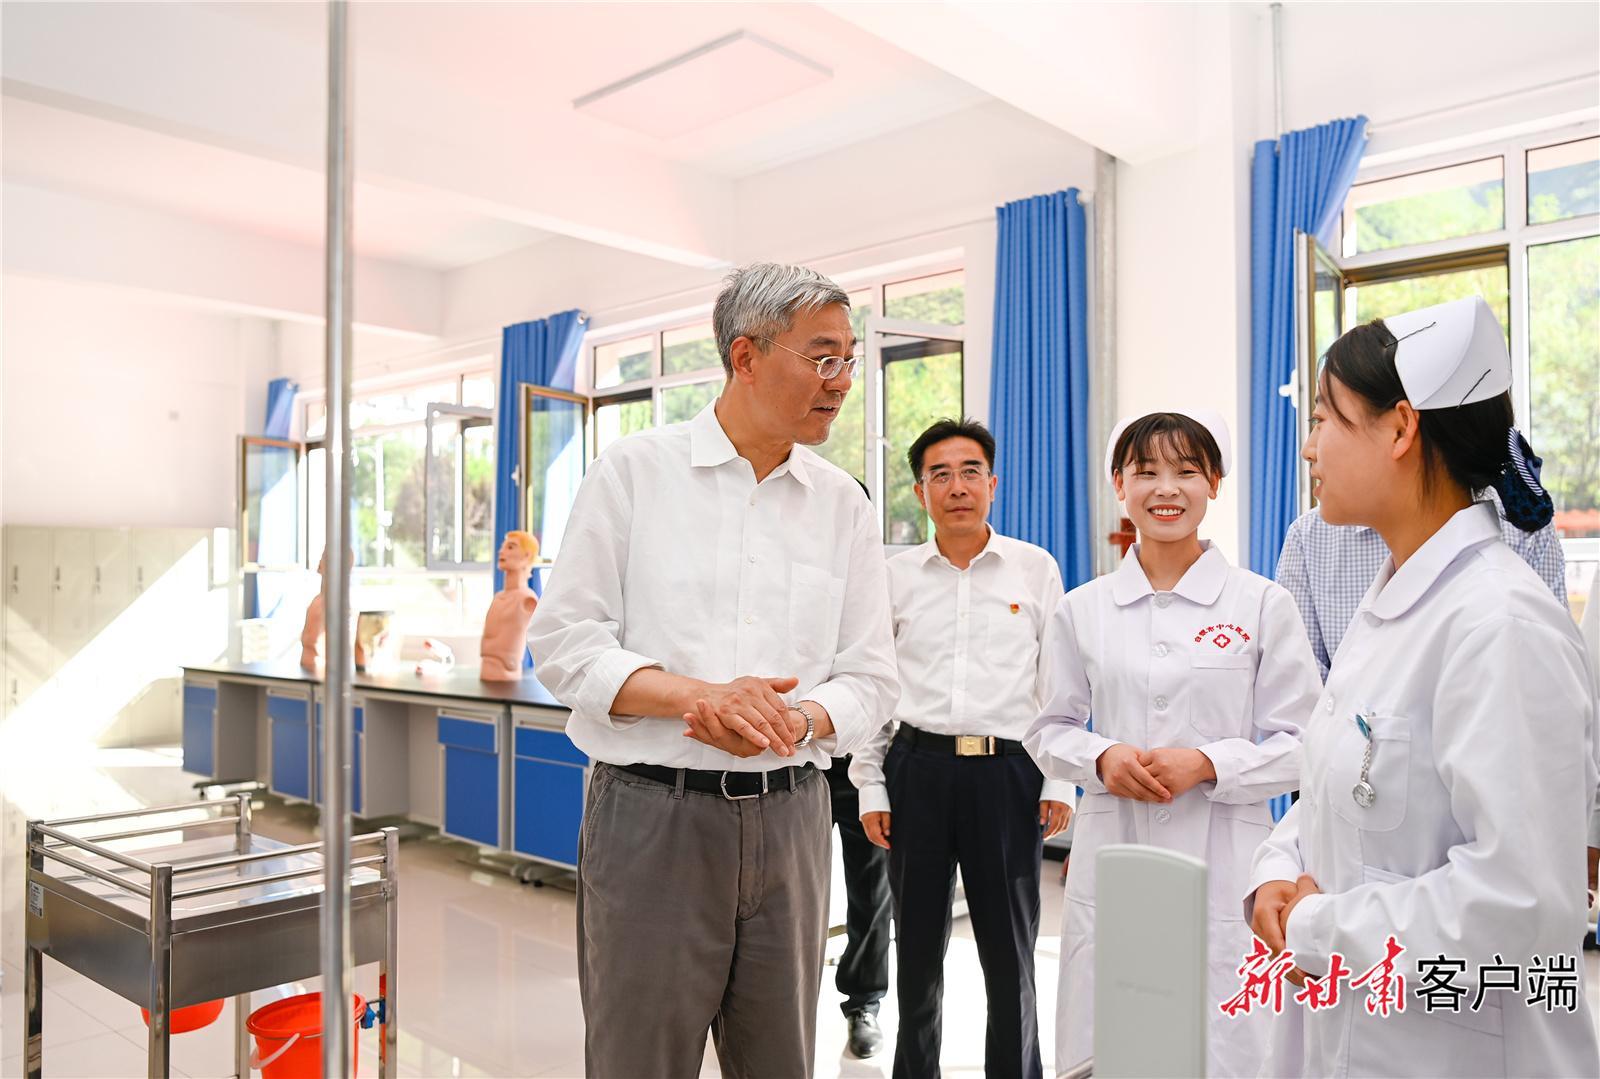 尹弘在甘南陇南调研指导防灾减灾工作时强调: